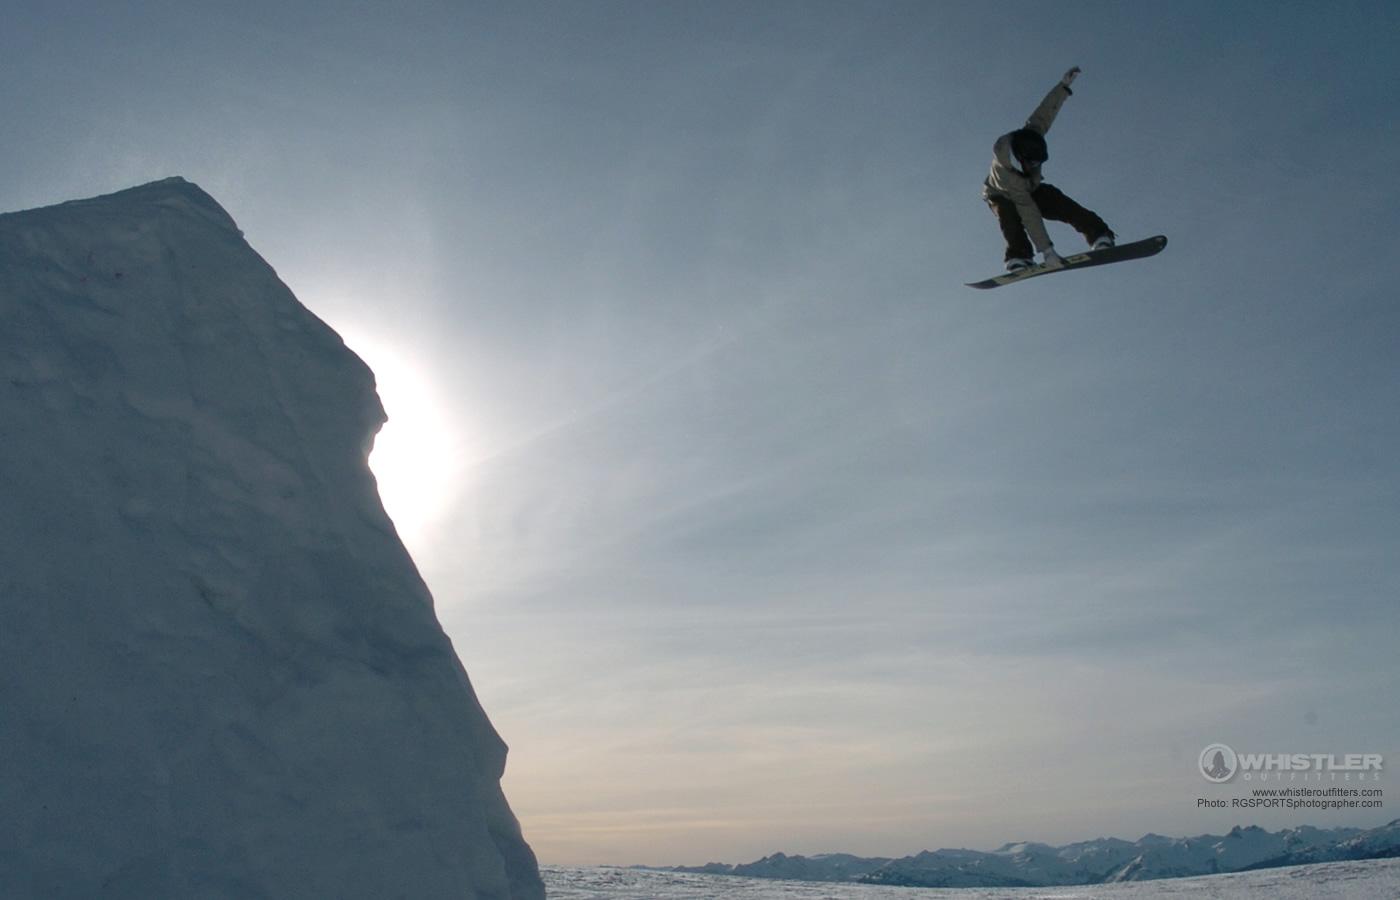 http://3.bp.blogspot.com/-NaWuXRs7WKg/TvcWx5OU3jI/AAAAAAAAAwQ/KF4Jpyq4haY/s1600/SnowBoard.jpg